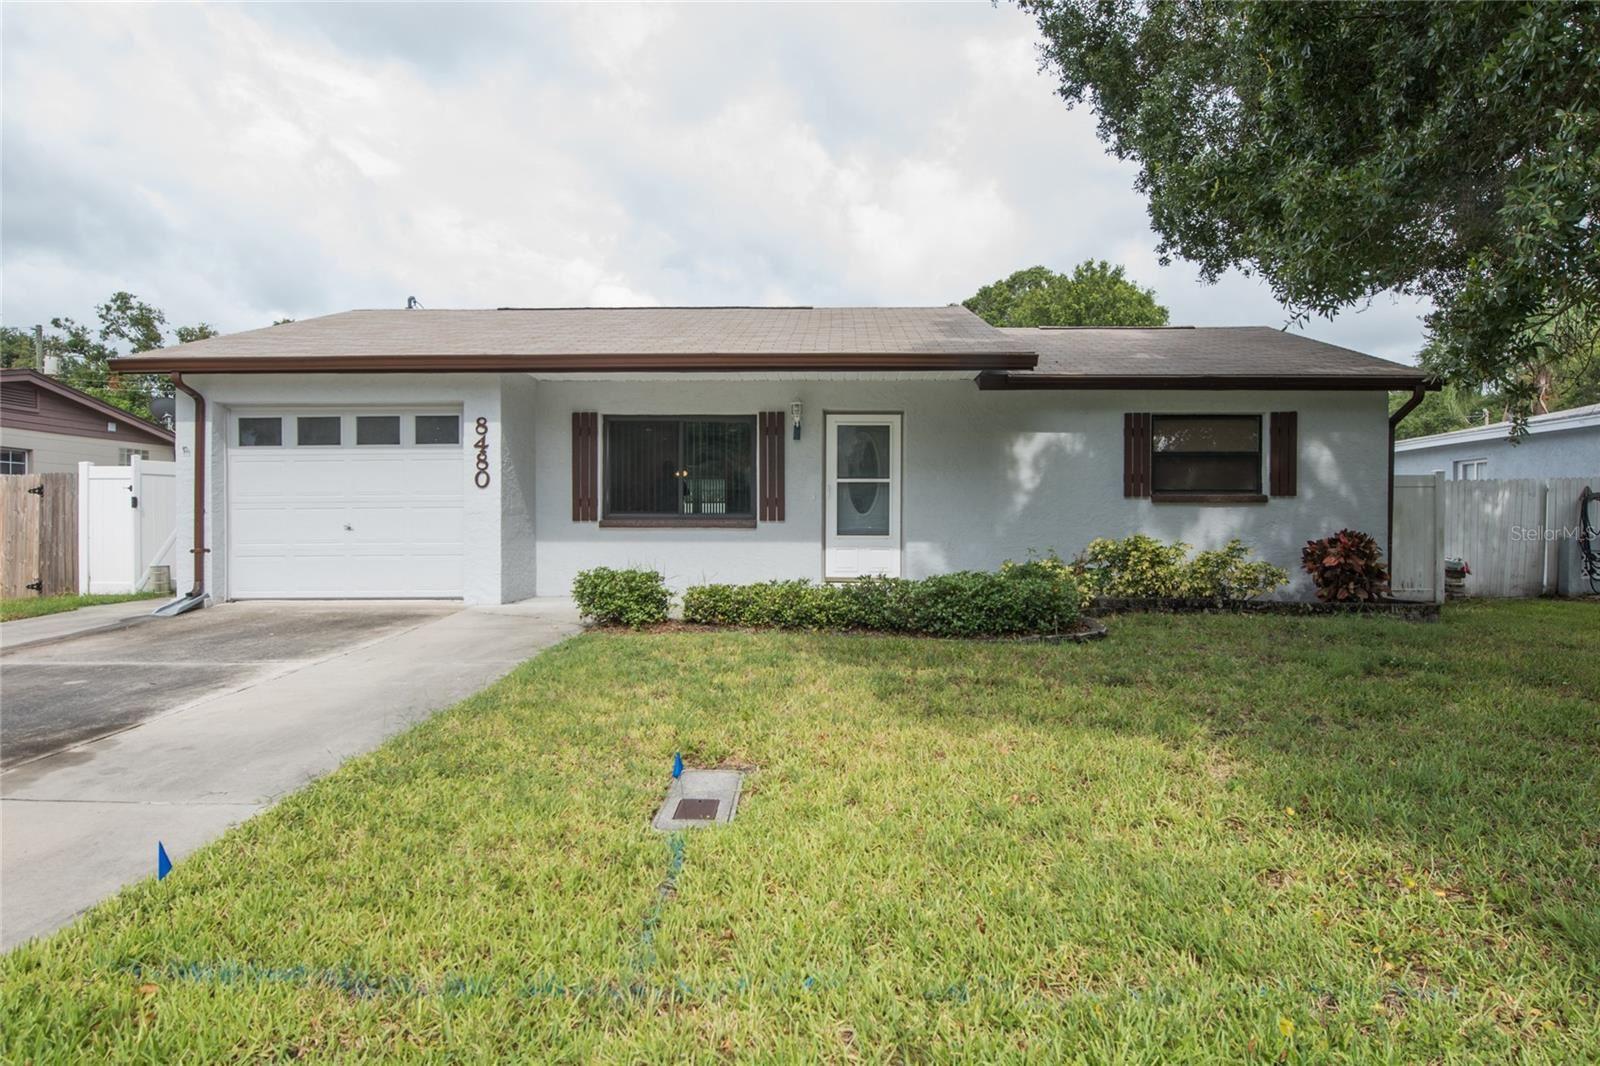 8480 59TH LANE N, Pinellas Park, FL 33781 - #: U8127213